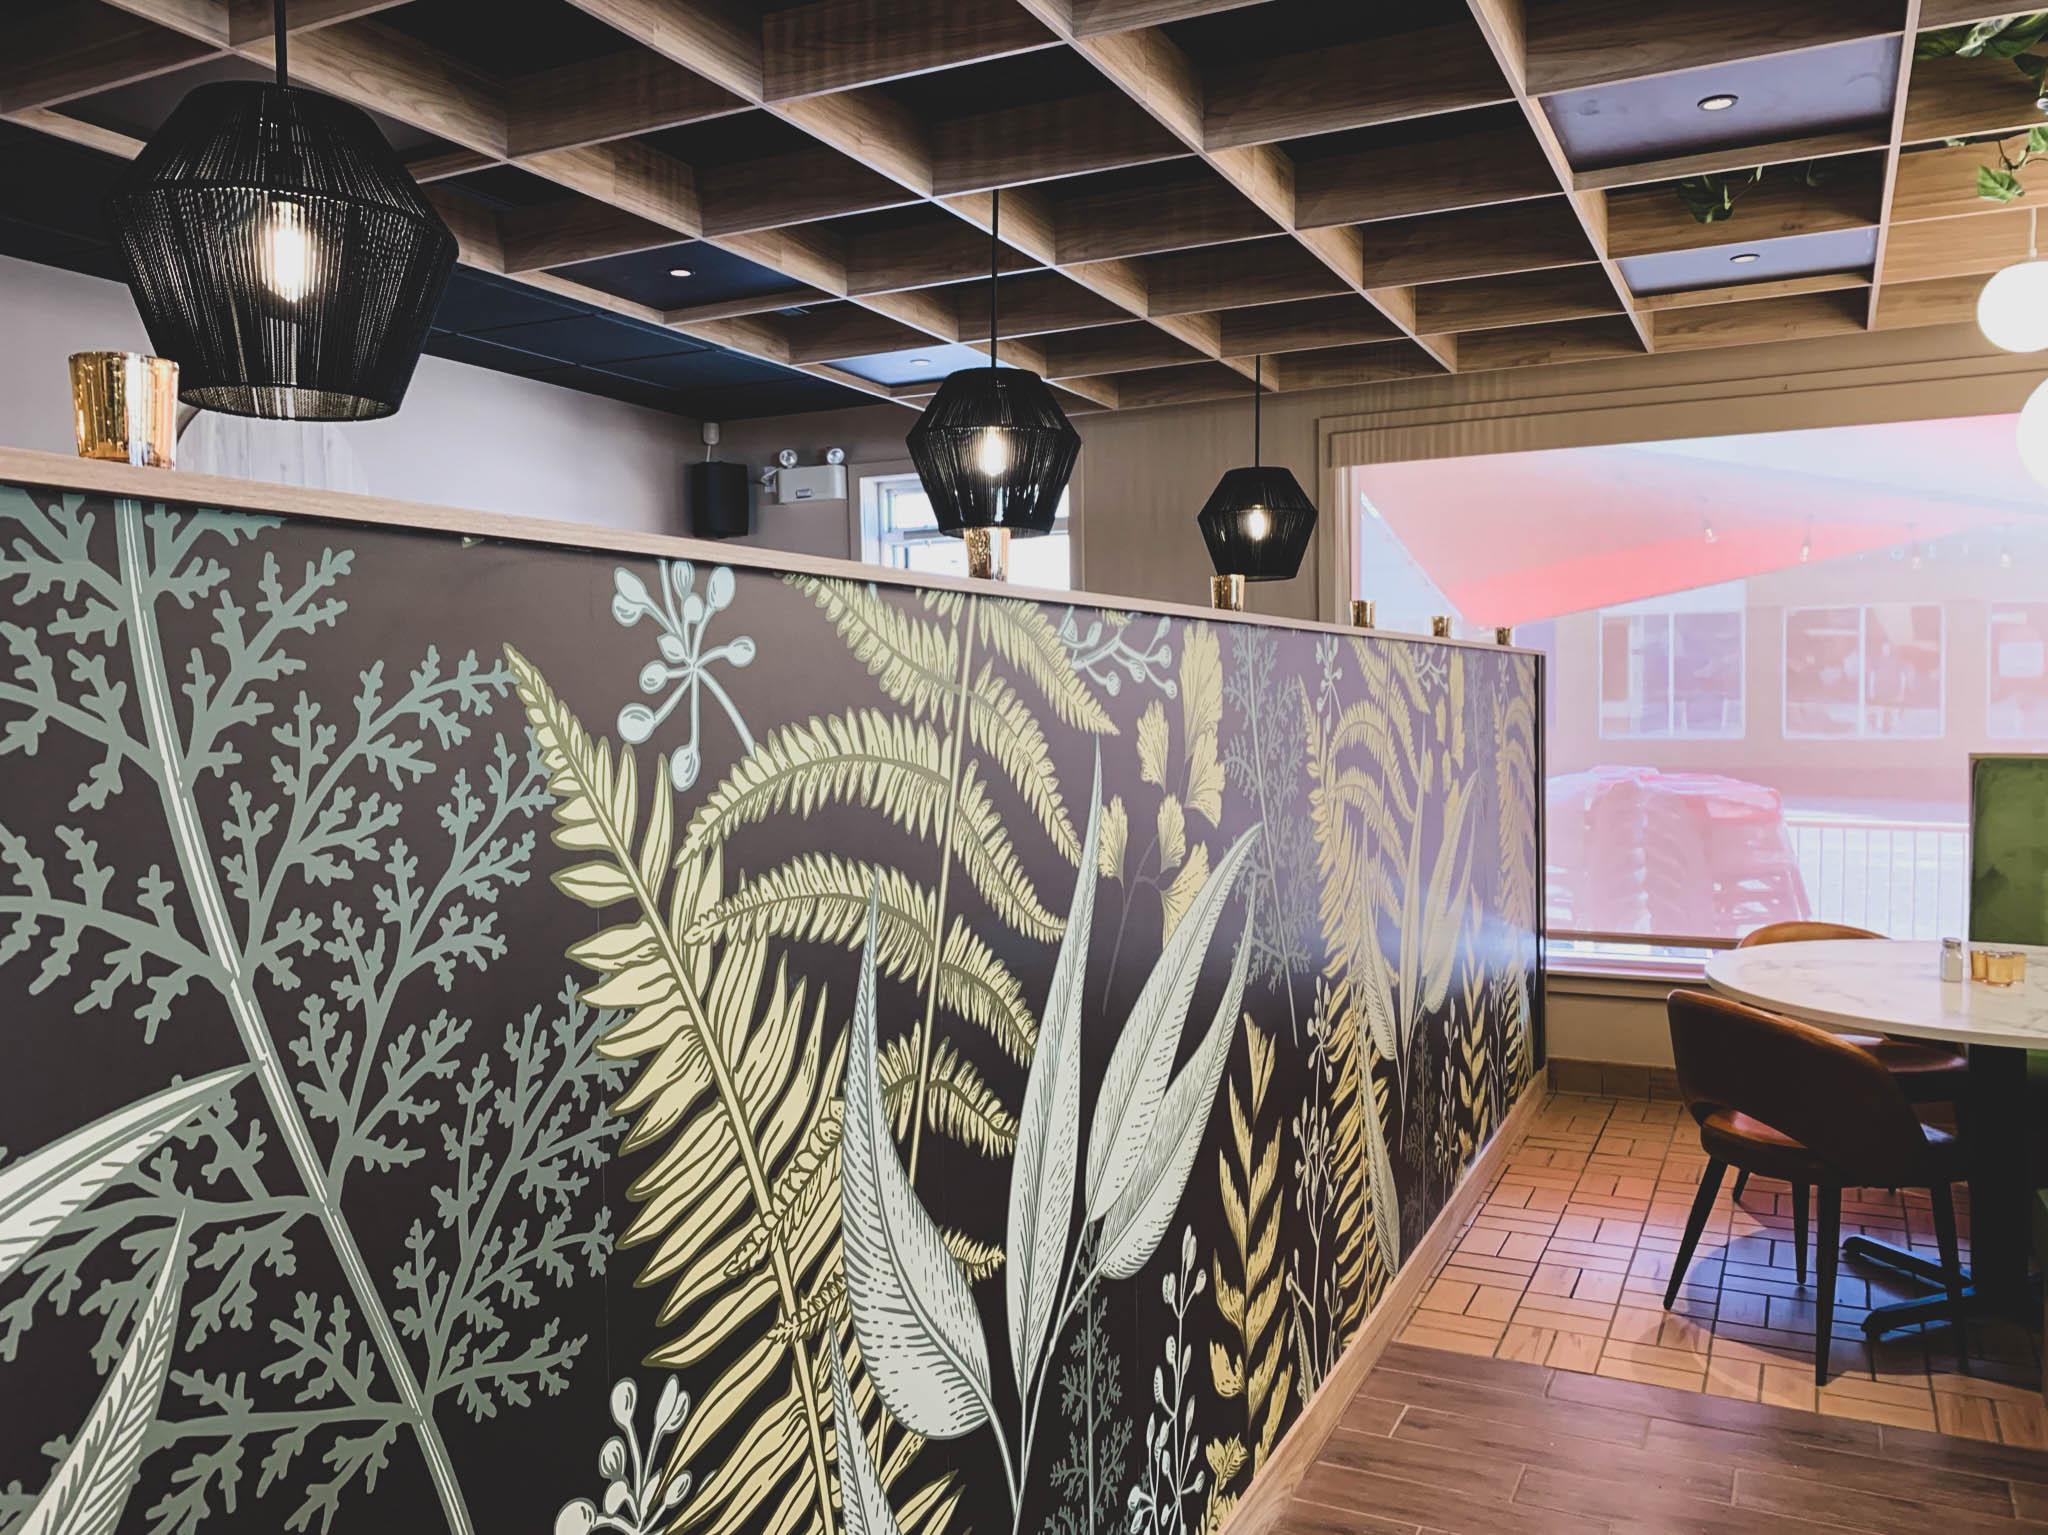 Réalisation Basha Nomade papier peint design Struktura 2021